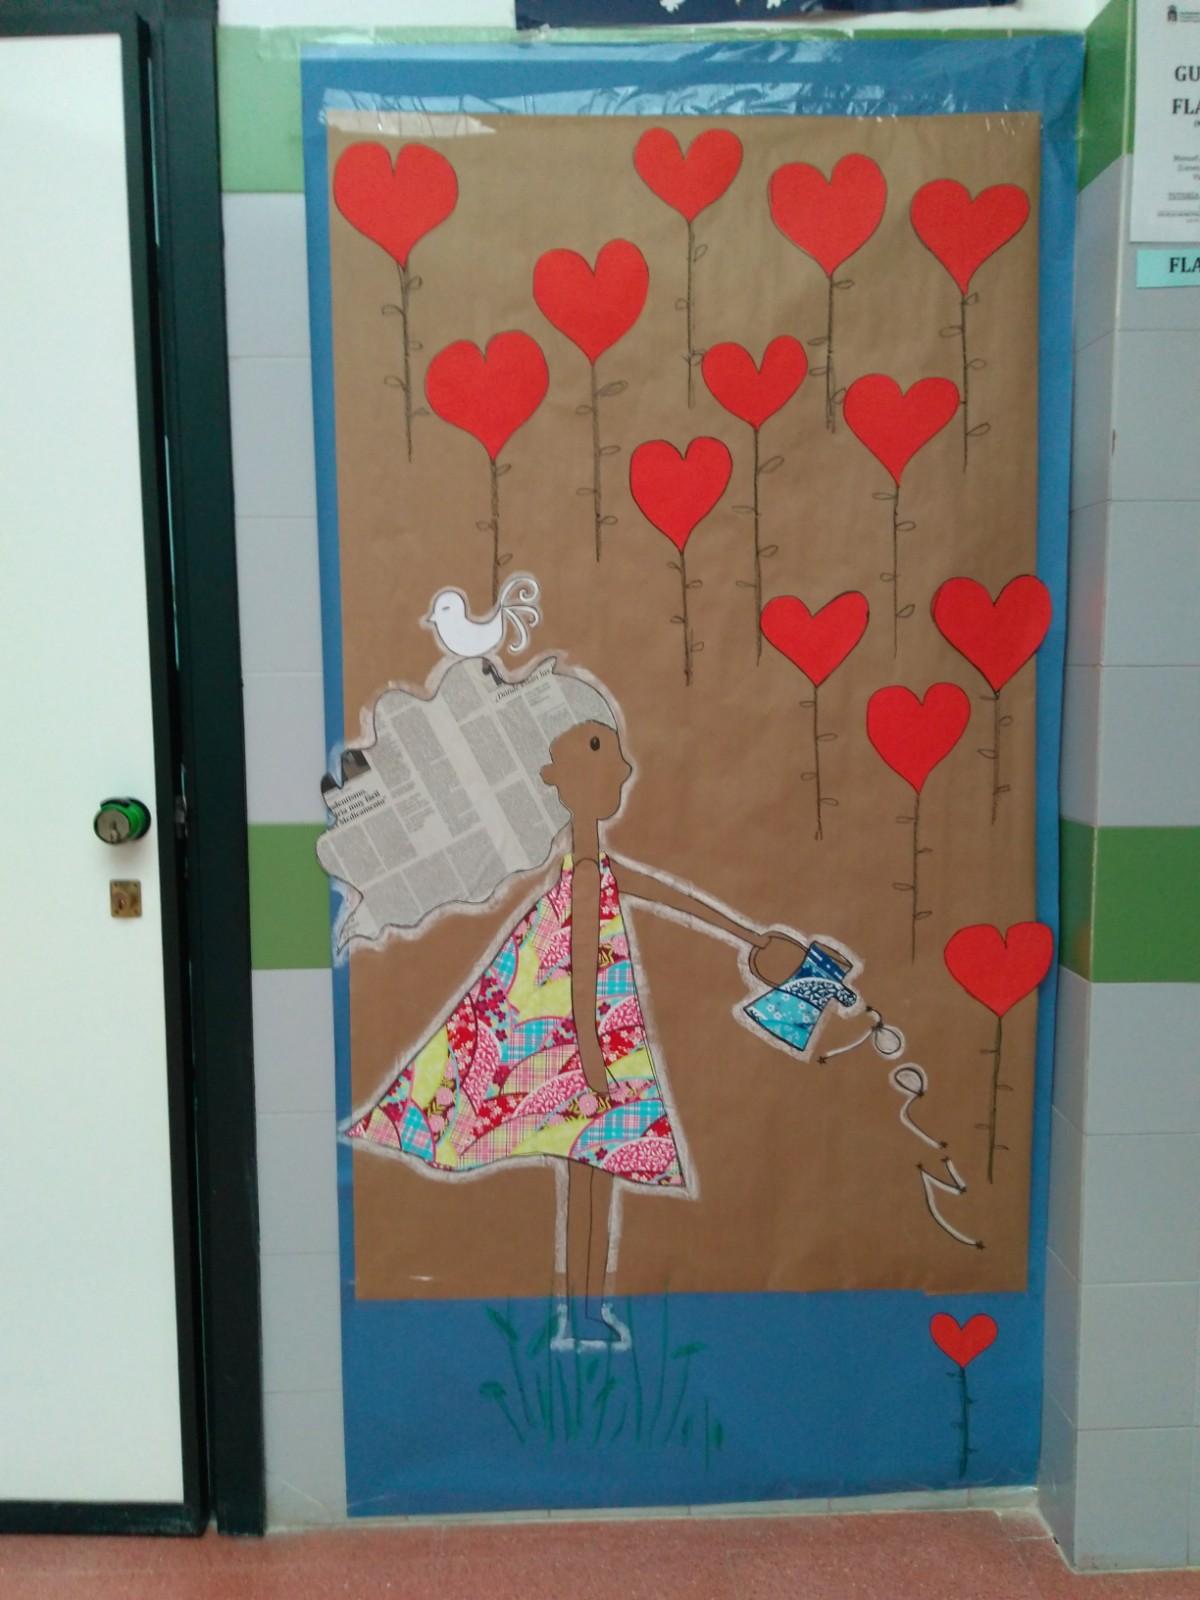 Imagenes de puertas decoradas para el mes de febrero for Puertas decoradas del 14 de febrero